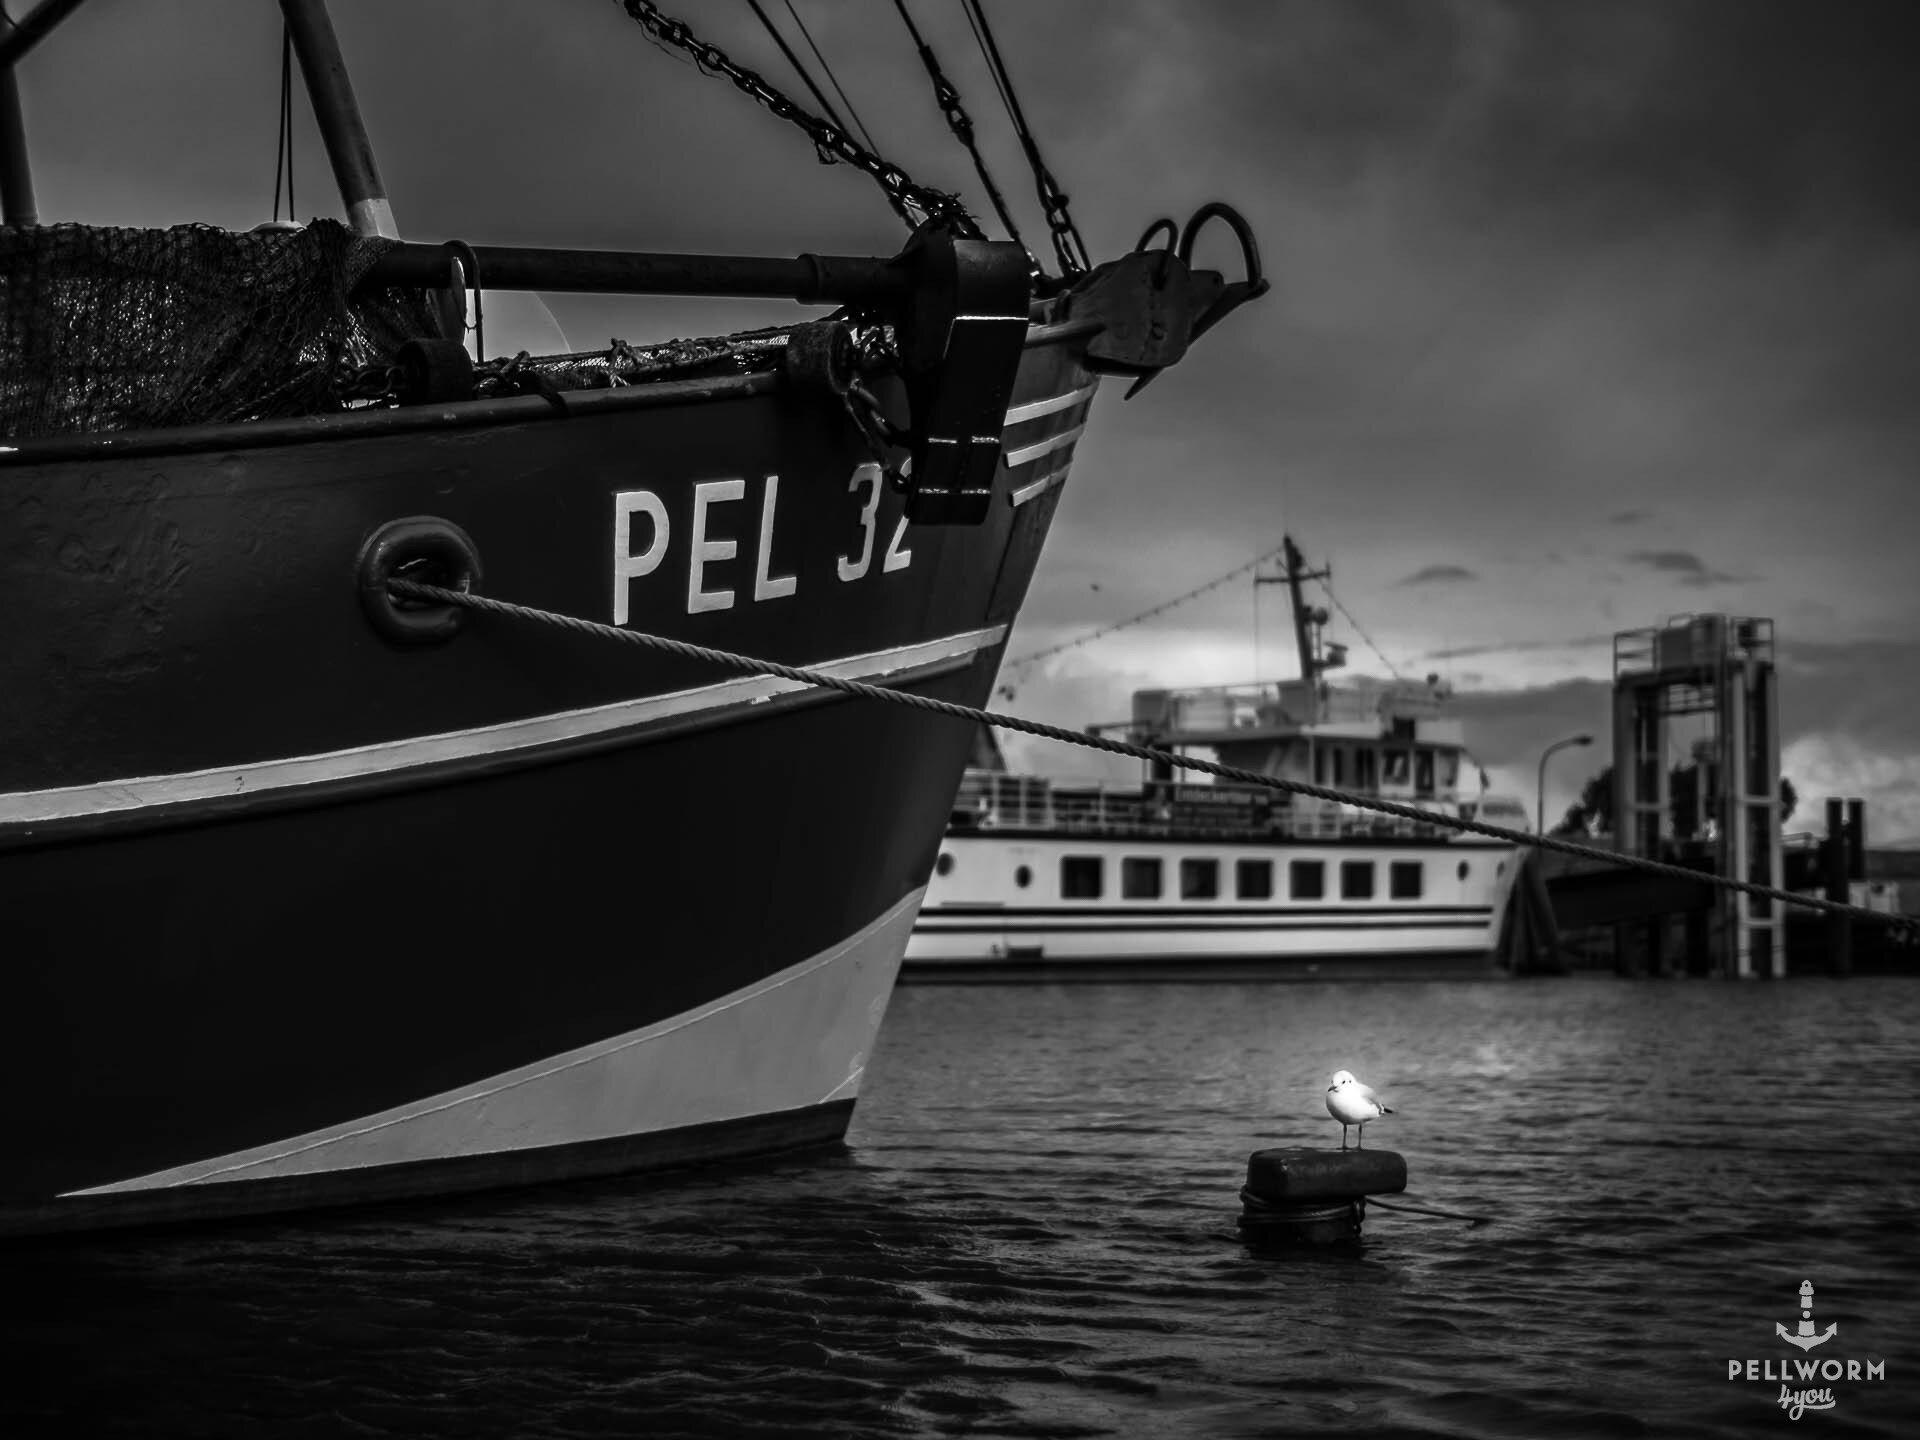 Eine Möwe sitzt im Pellwormer Hafen auf einem Poller